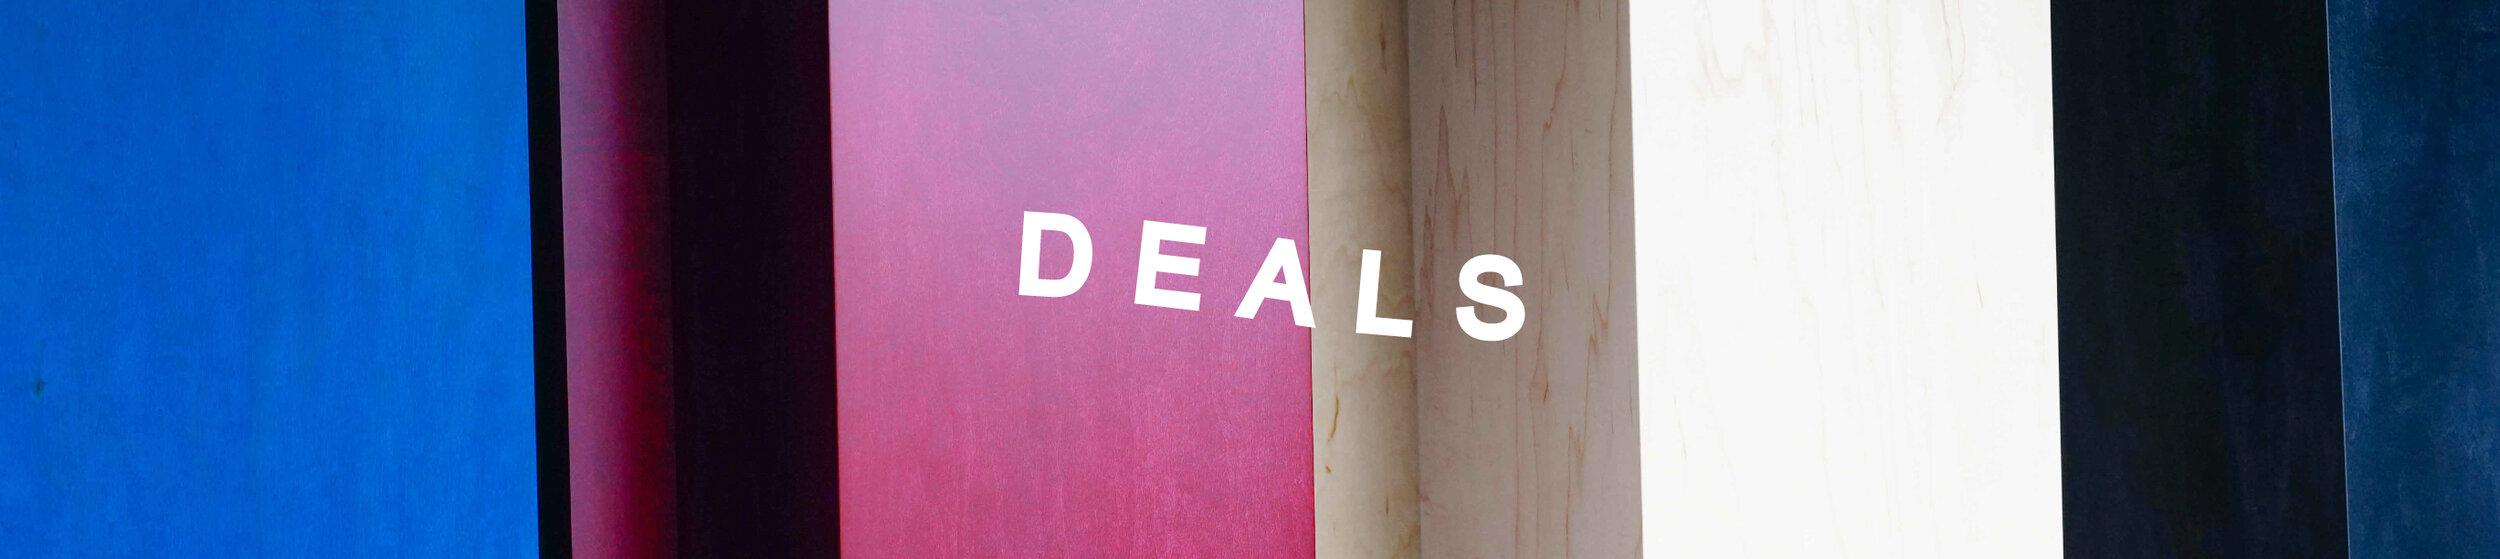 dealsheader.jpg